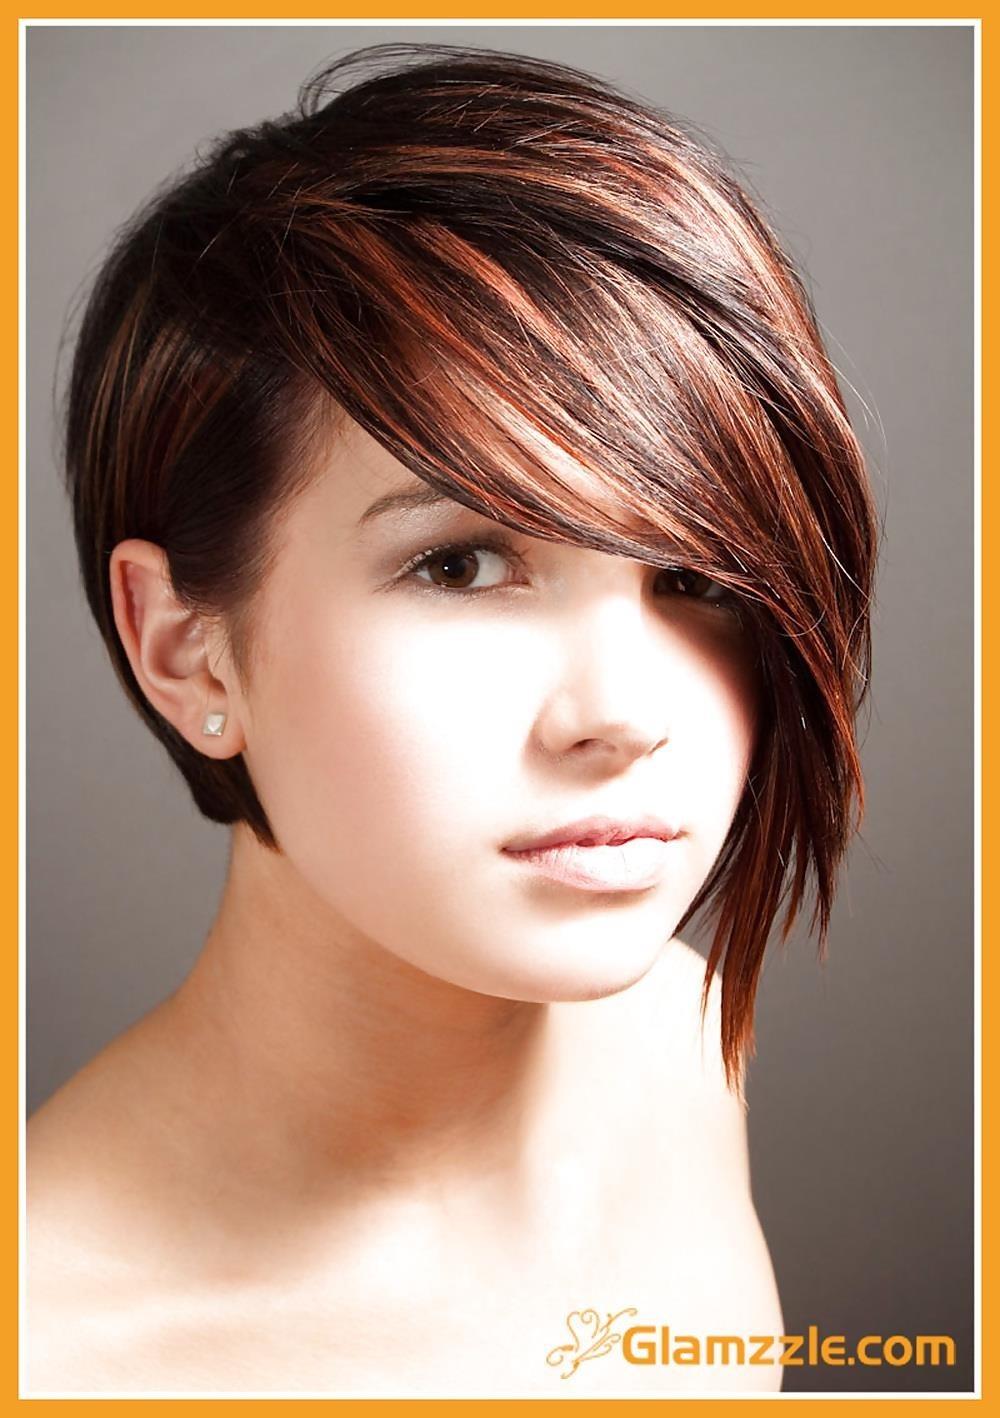 Best hair style for short hair girl-1709